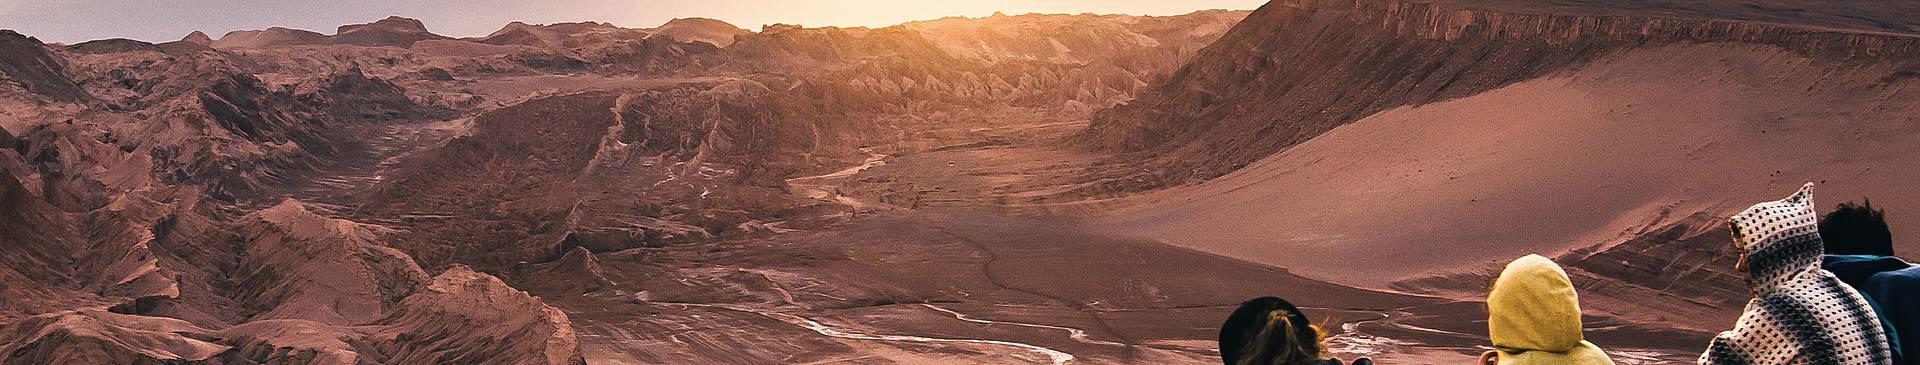 Wüstentour Chile